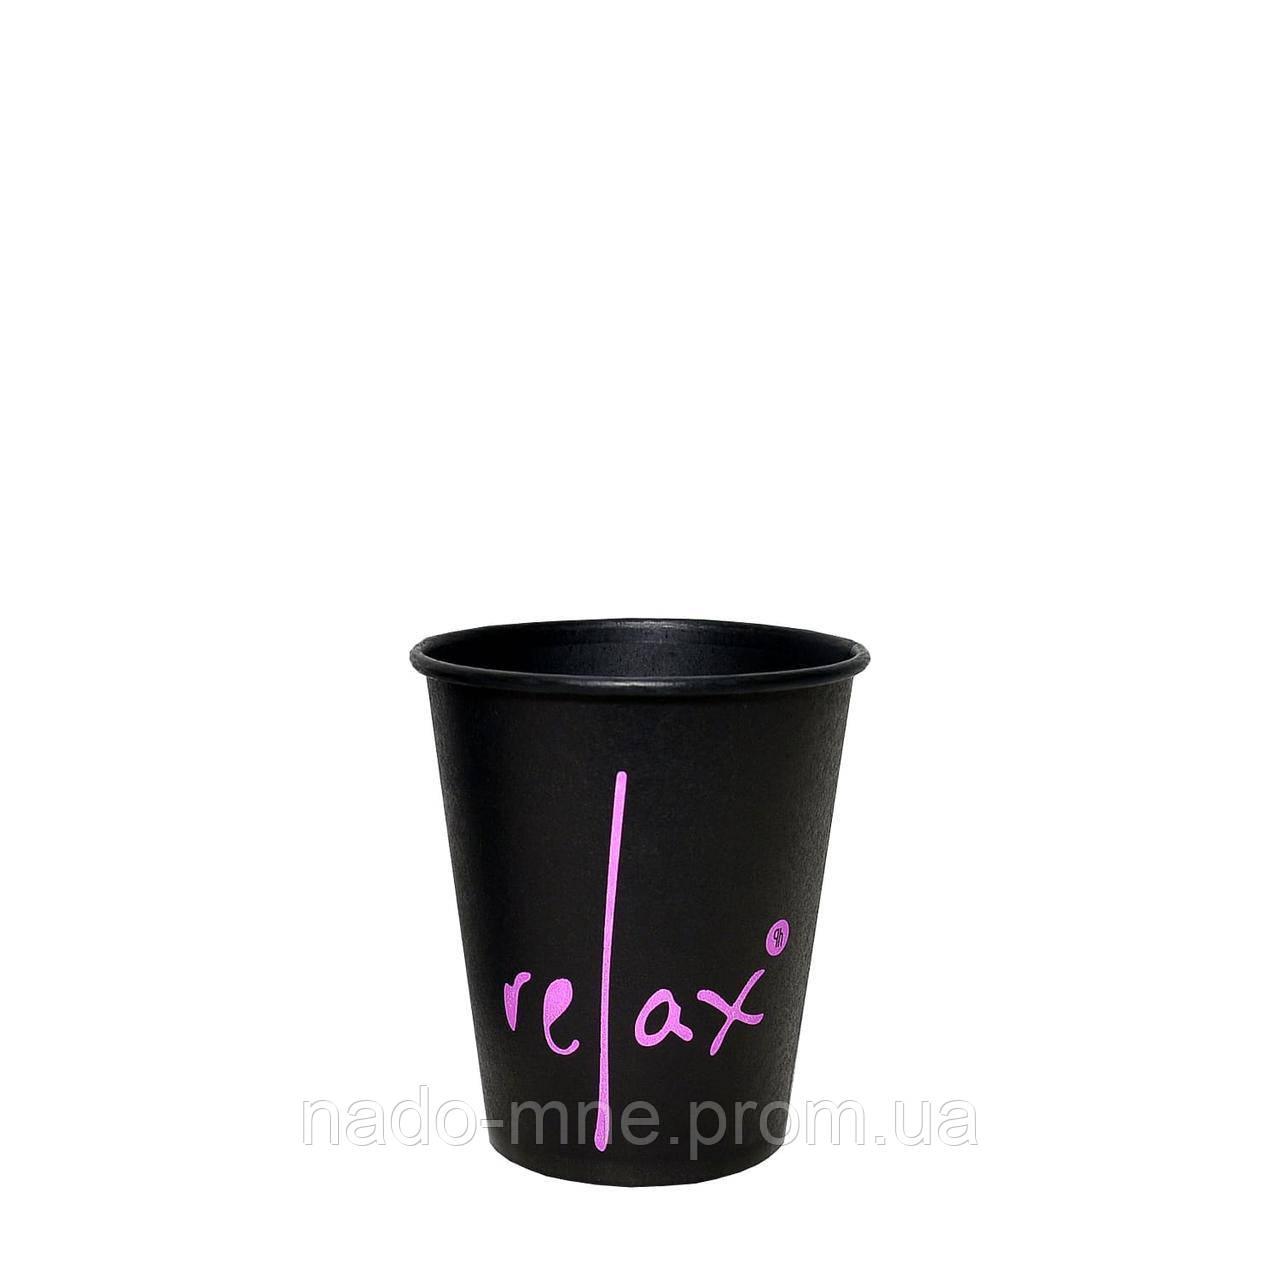 Стакан бумажный RELAX Черный 175мл. 50шт/уп (1ящ/20уп/1000шт) (КР71)